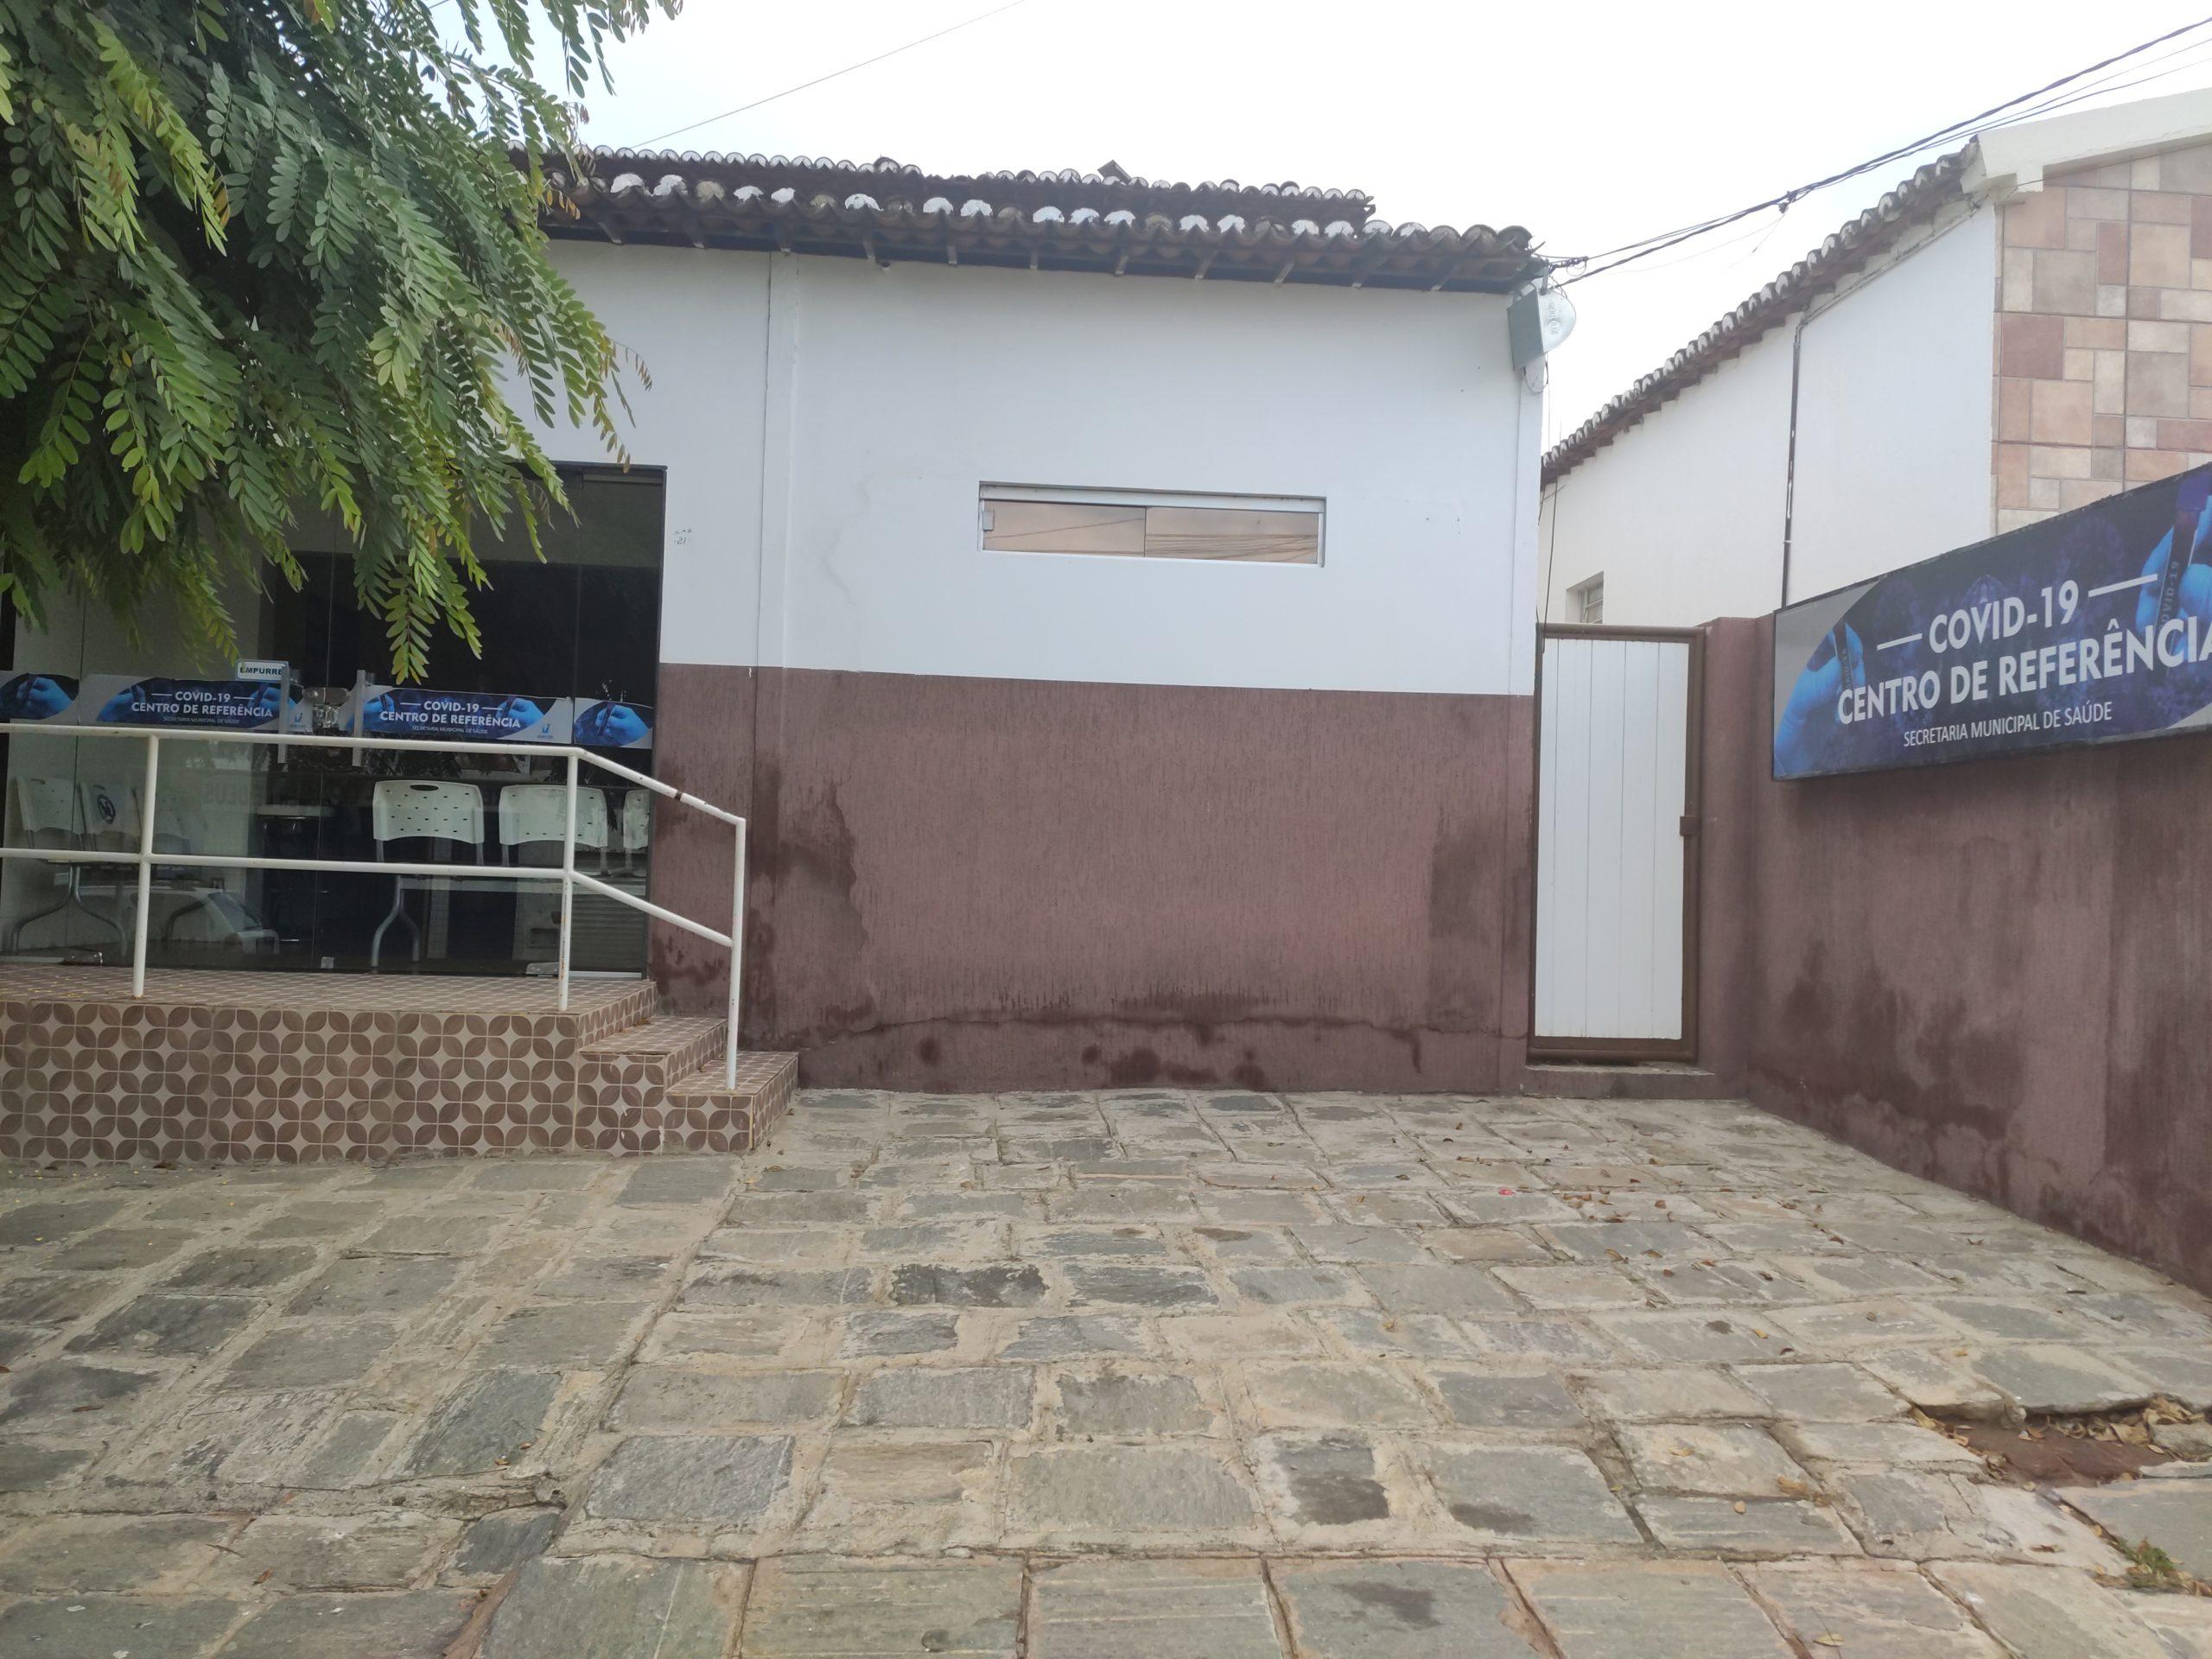 IMG_20210203_060439-scaled Boletim epidemiológico registra quase 500 casos ativos de Covid-19 em Monteiro